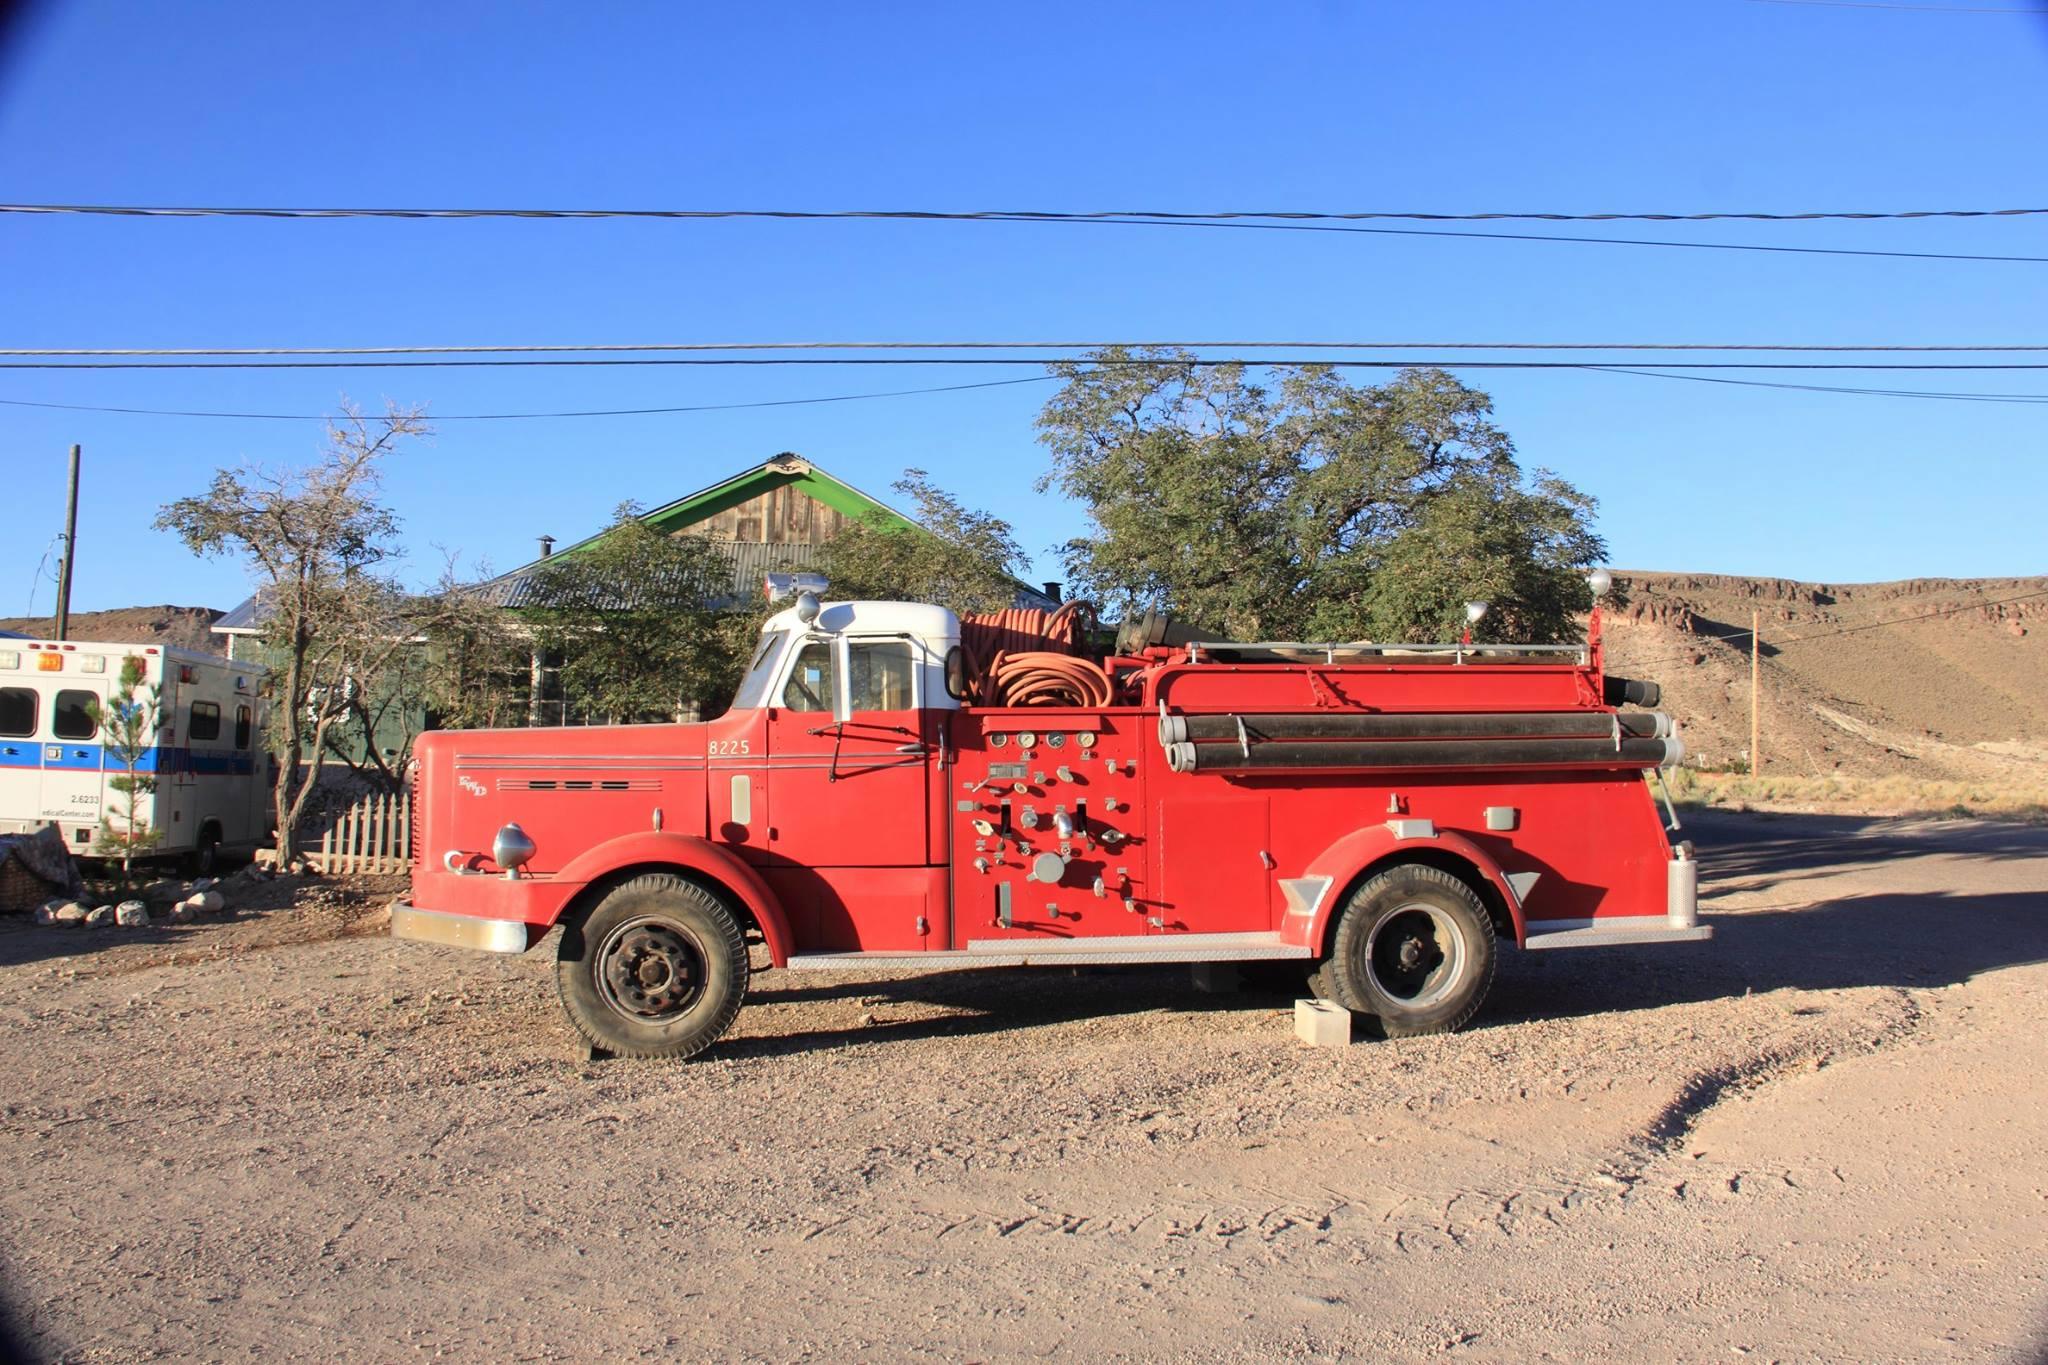 FWD---Fire-Truck-4